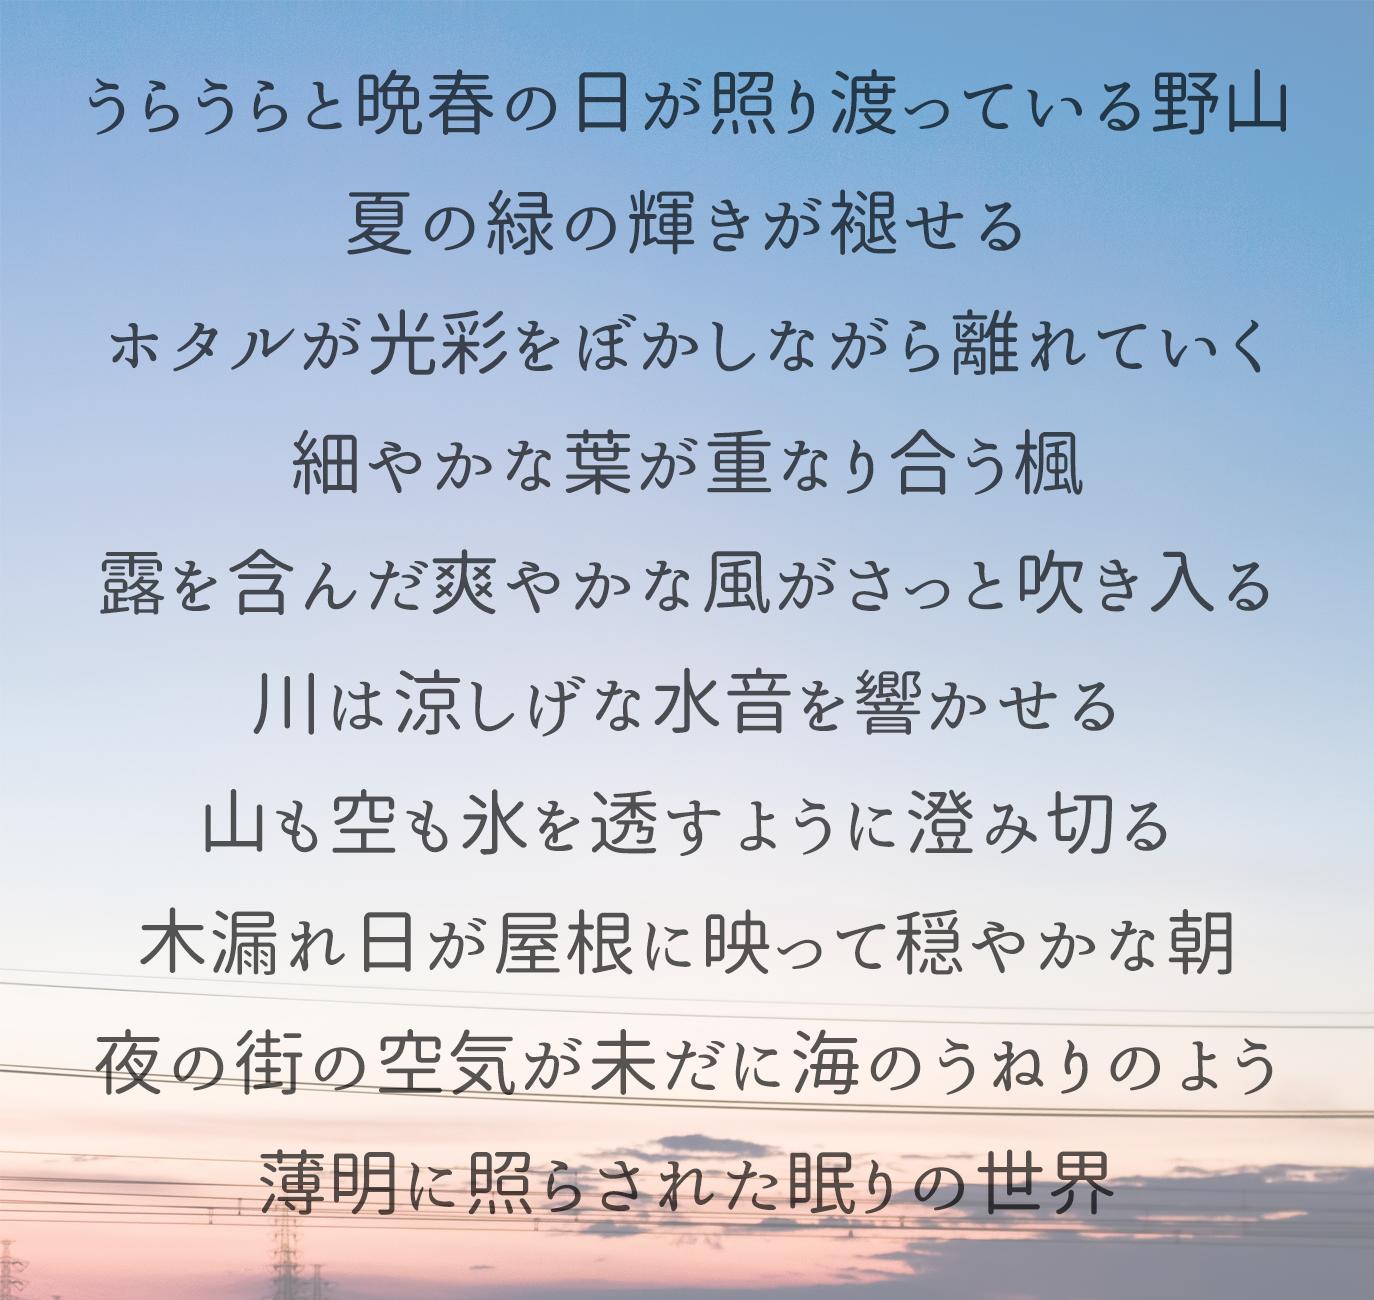 レトロ系フォント「ほのかアンティーク丸」無料ダウンロード